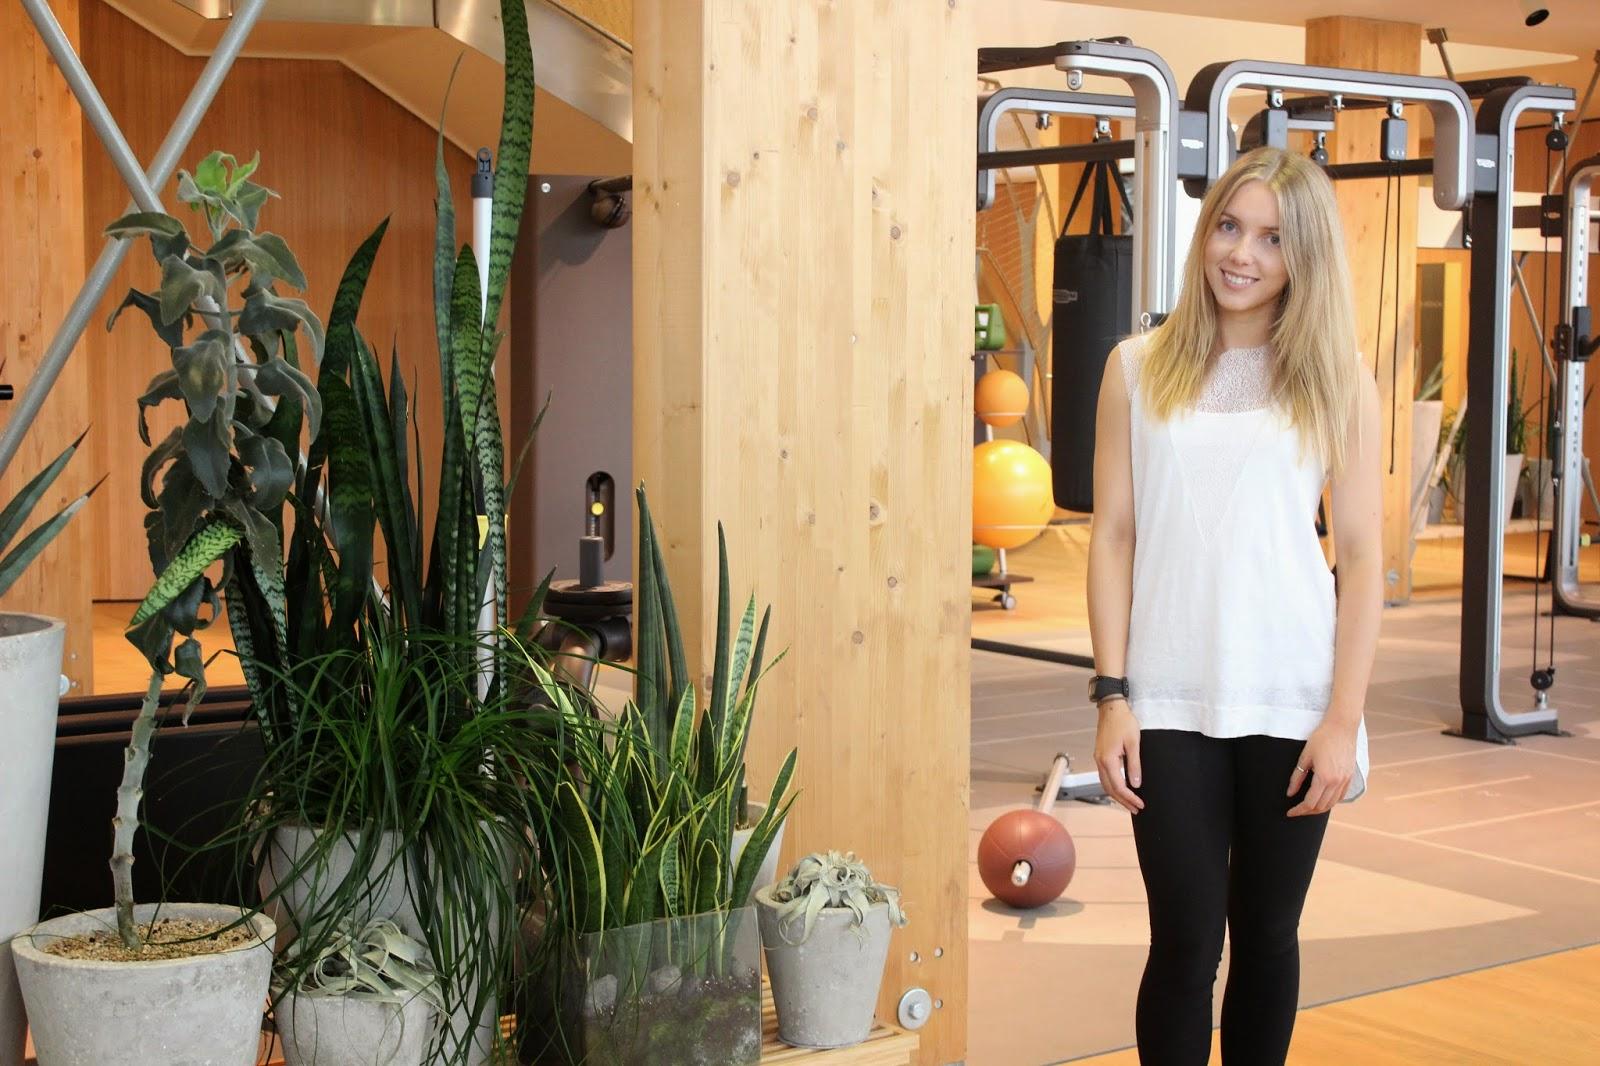 Technogym Wellness Village Gym Showroom Natalie